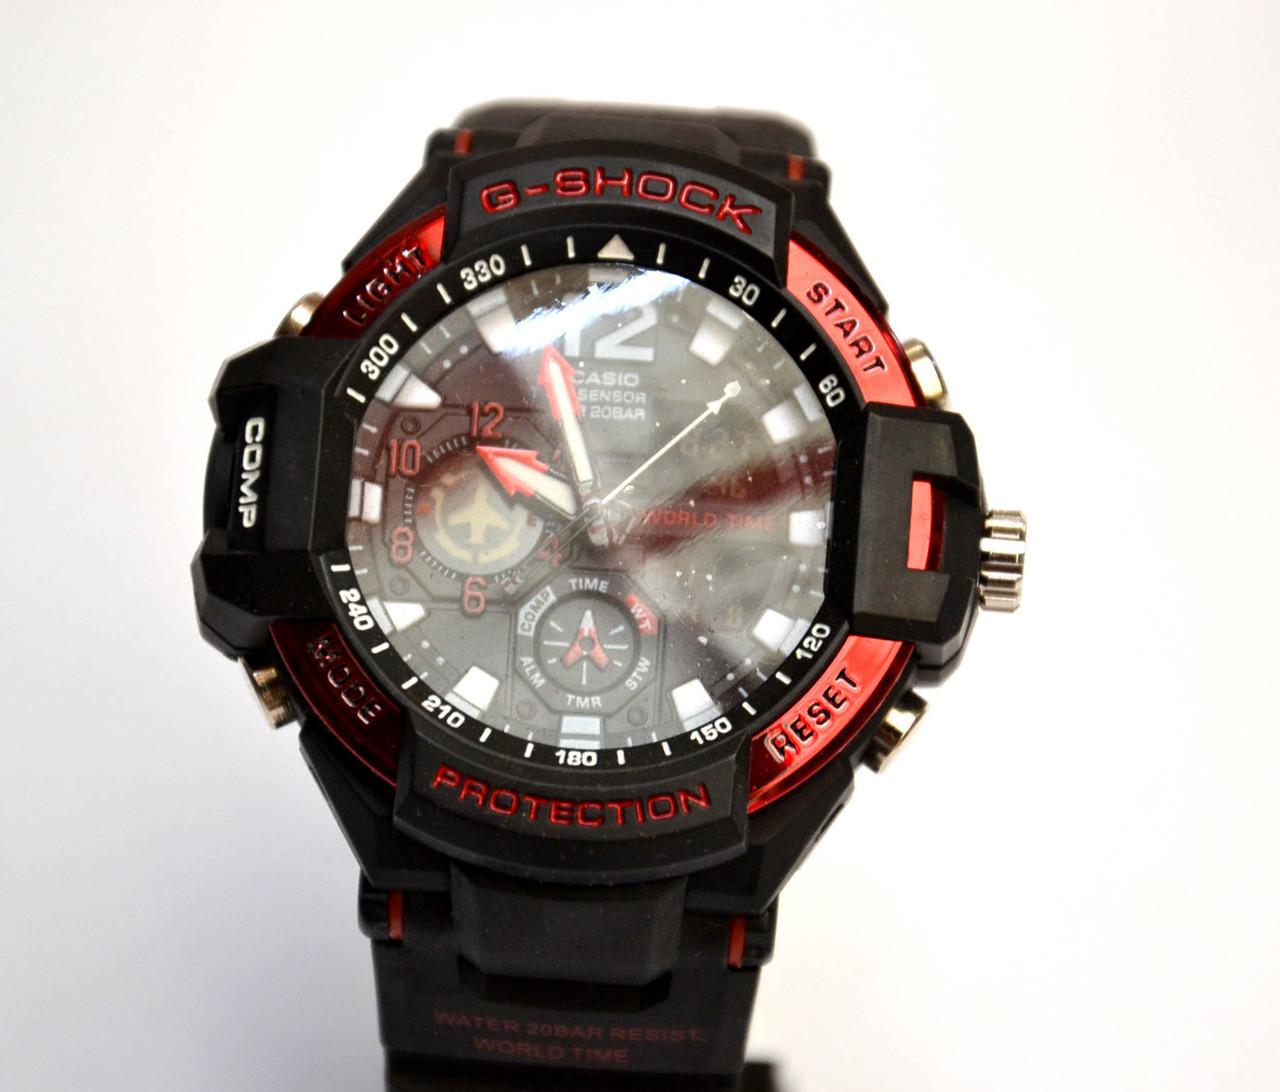 Японские часы мужские часы casio g-shock, более моделей.